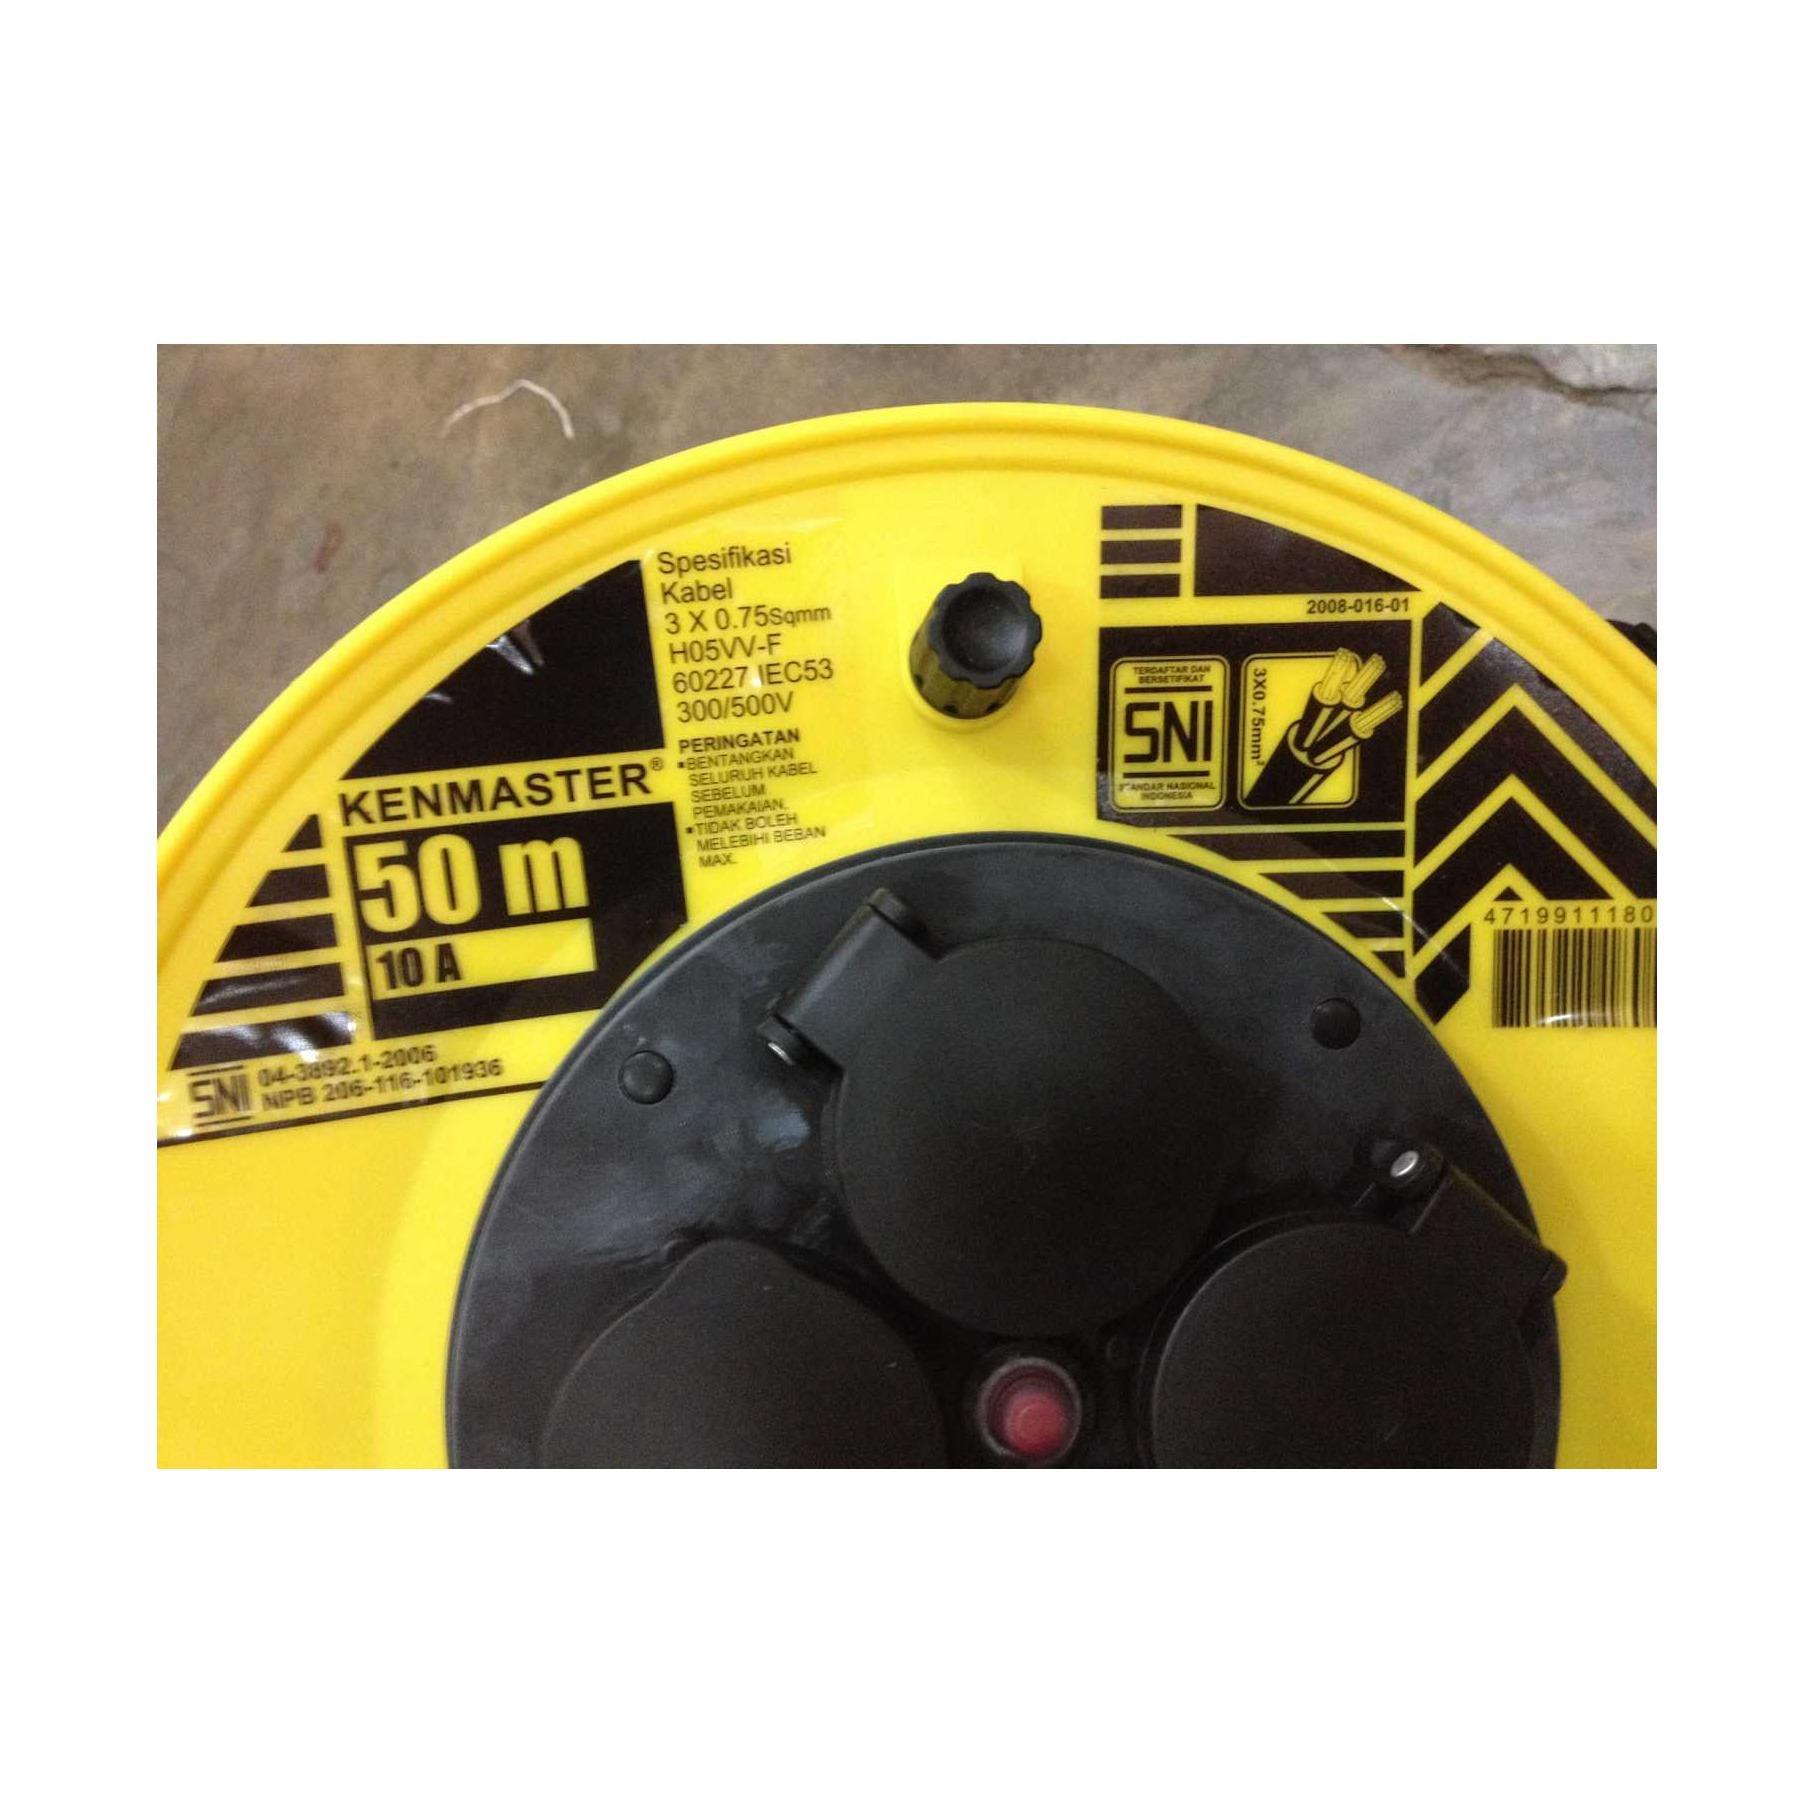 KenMaster Kabel Roll 4 Stop Kontak SNI Cok Sambung Tambahan 50m